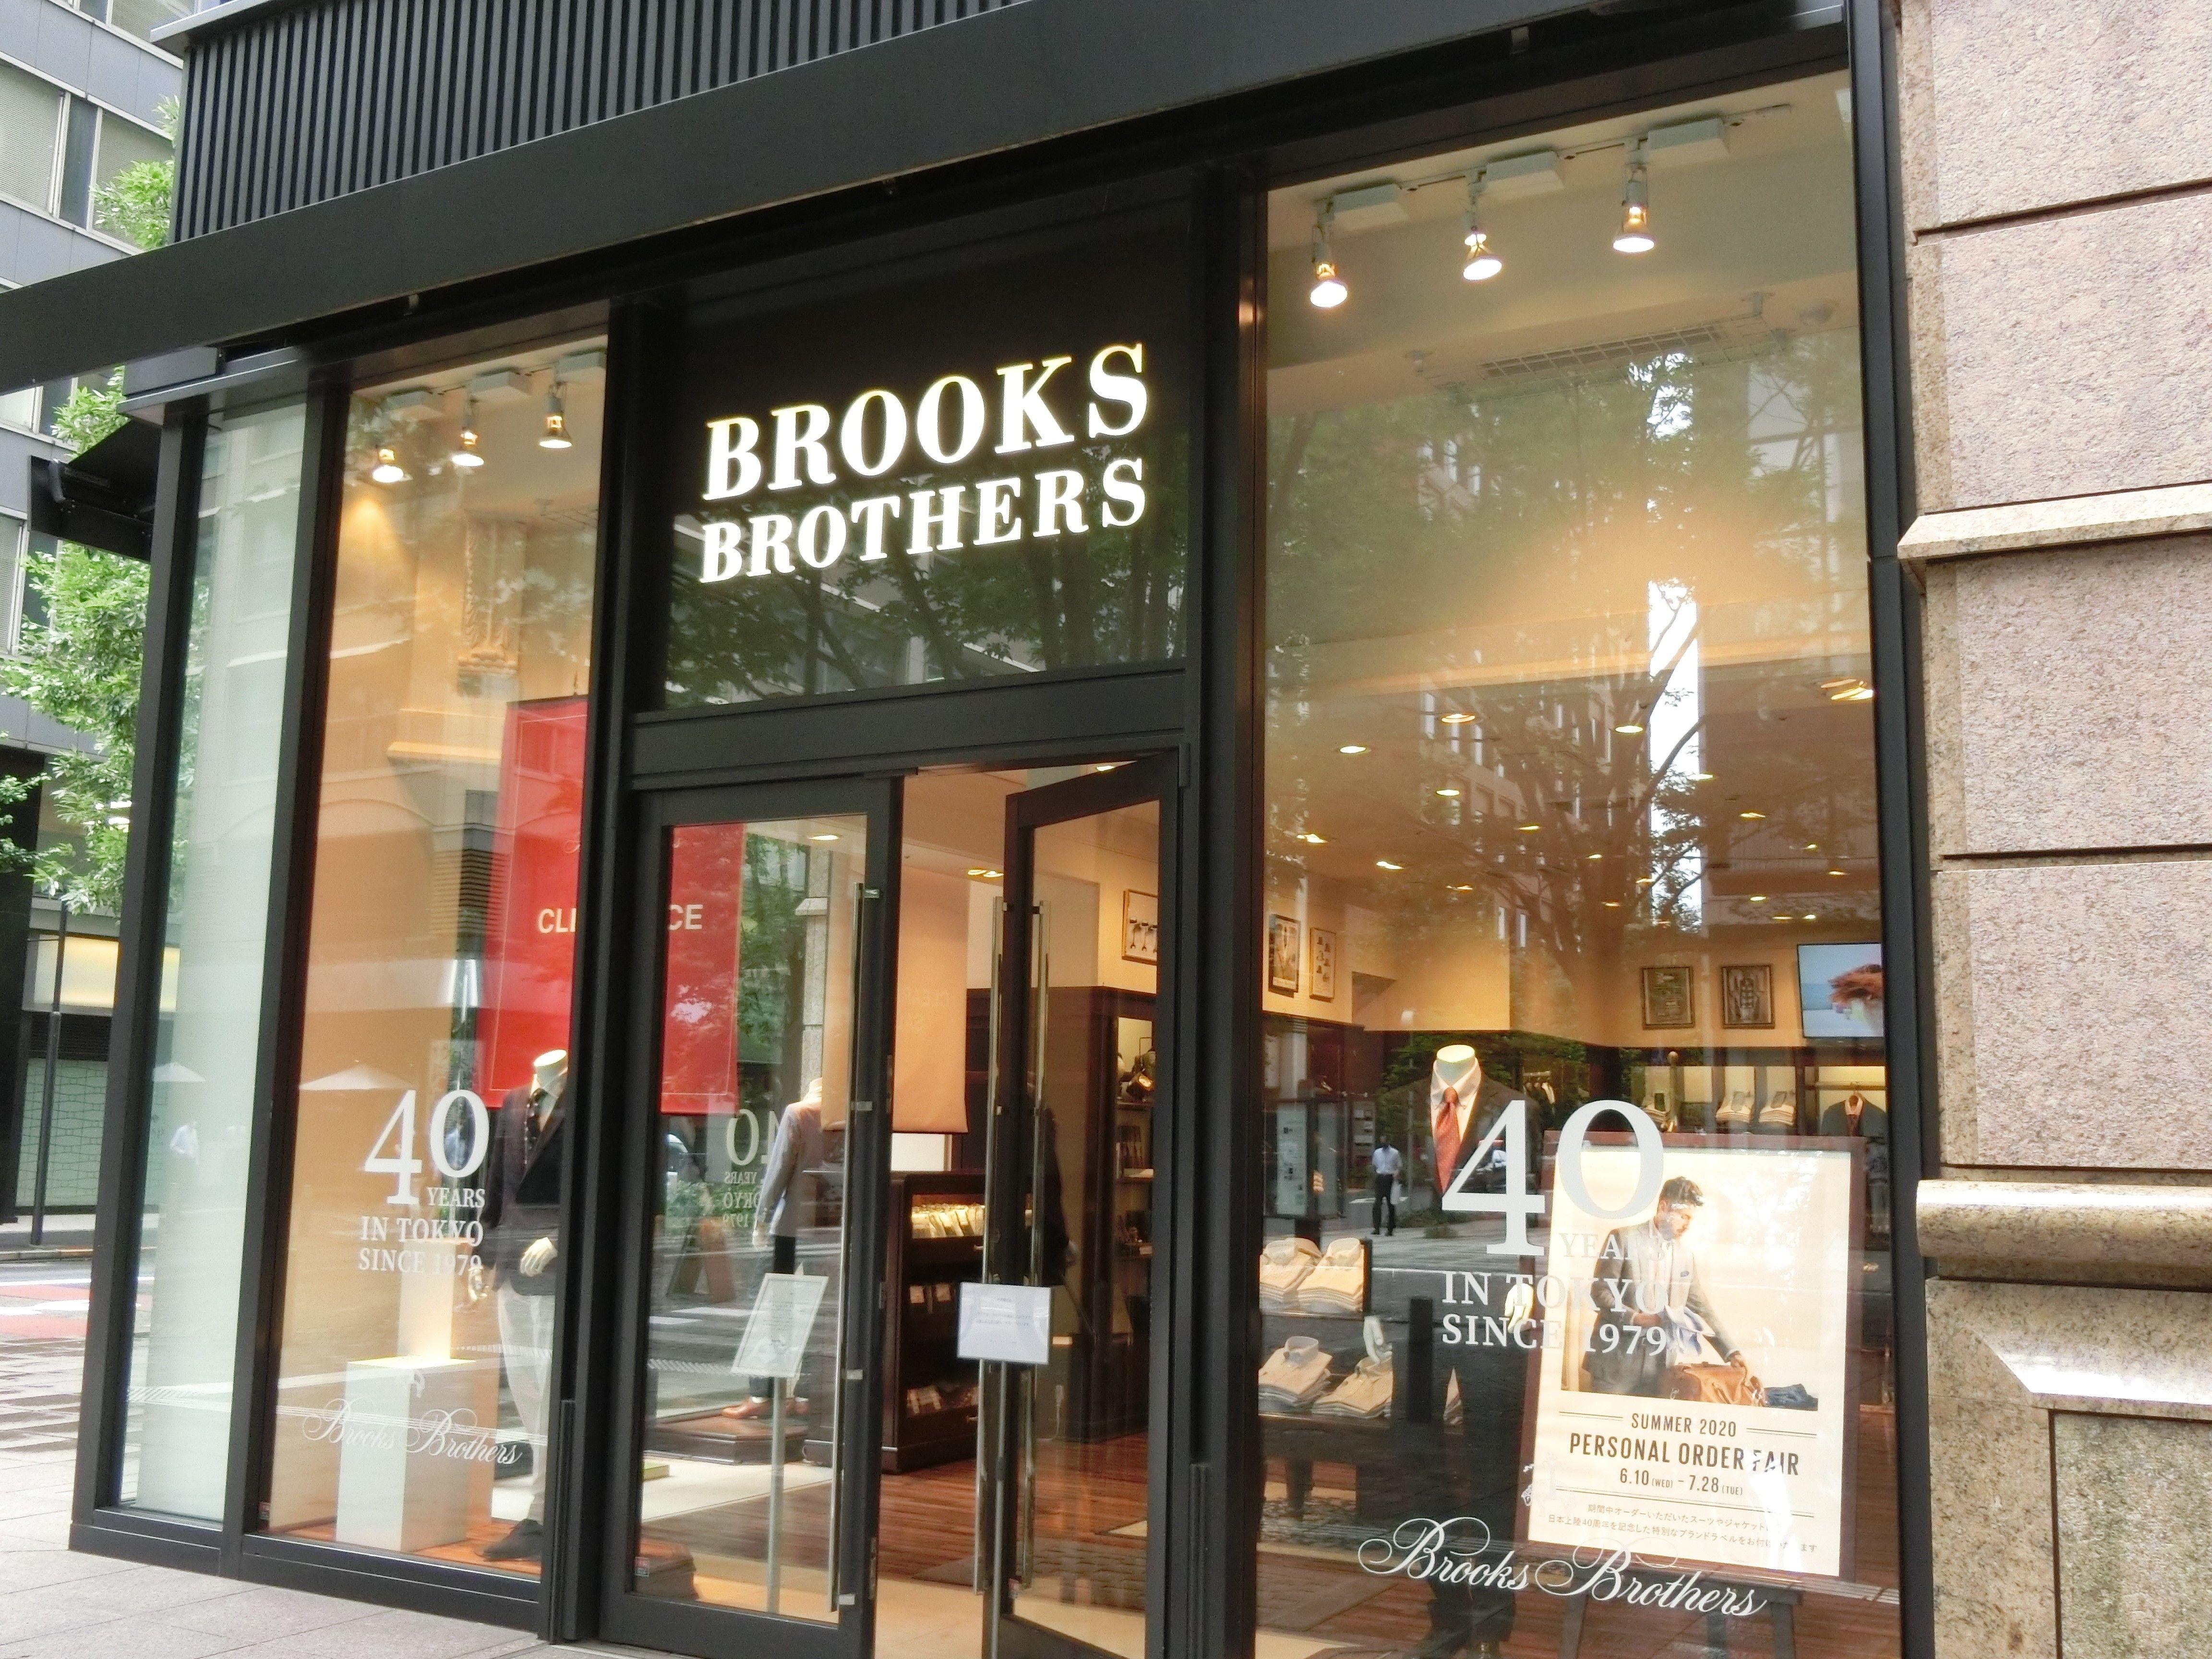 米欧の有力衣料品ブランド、ブルックス・ブラザーズまで1年で5社が経営破たん